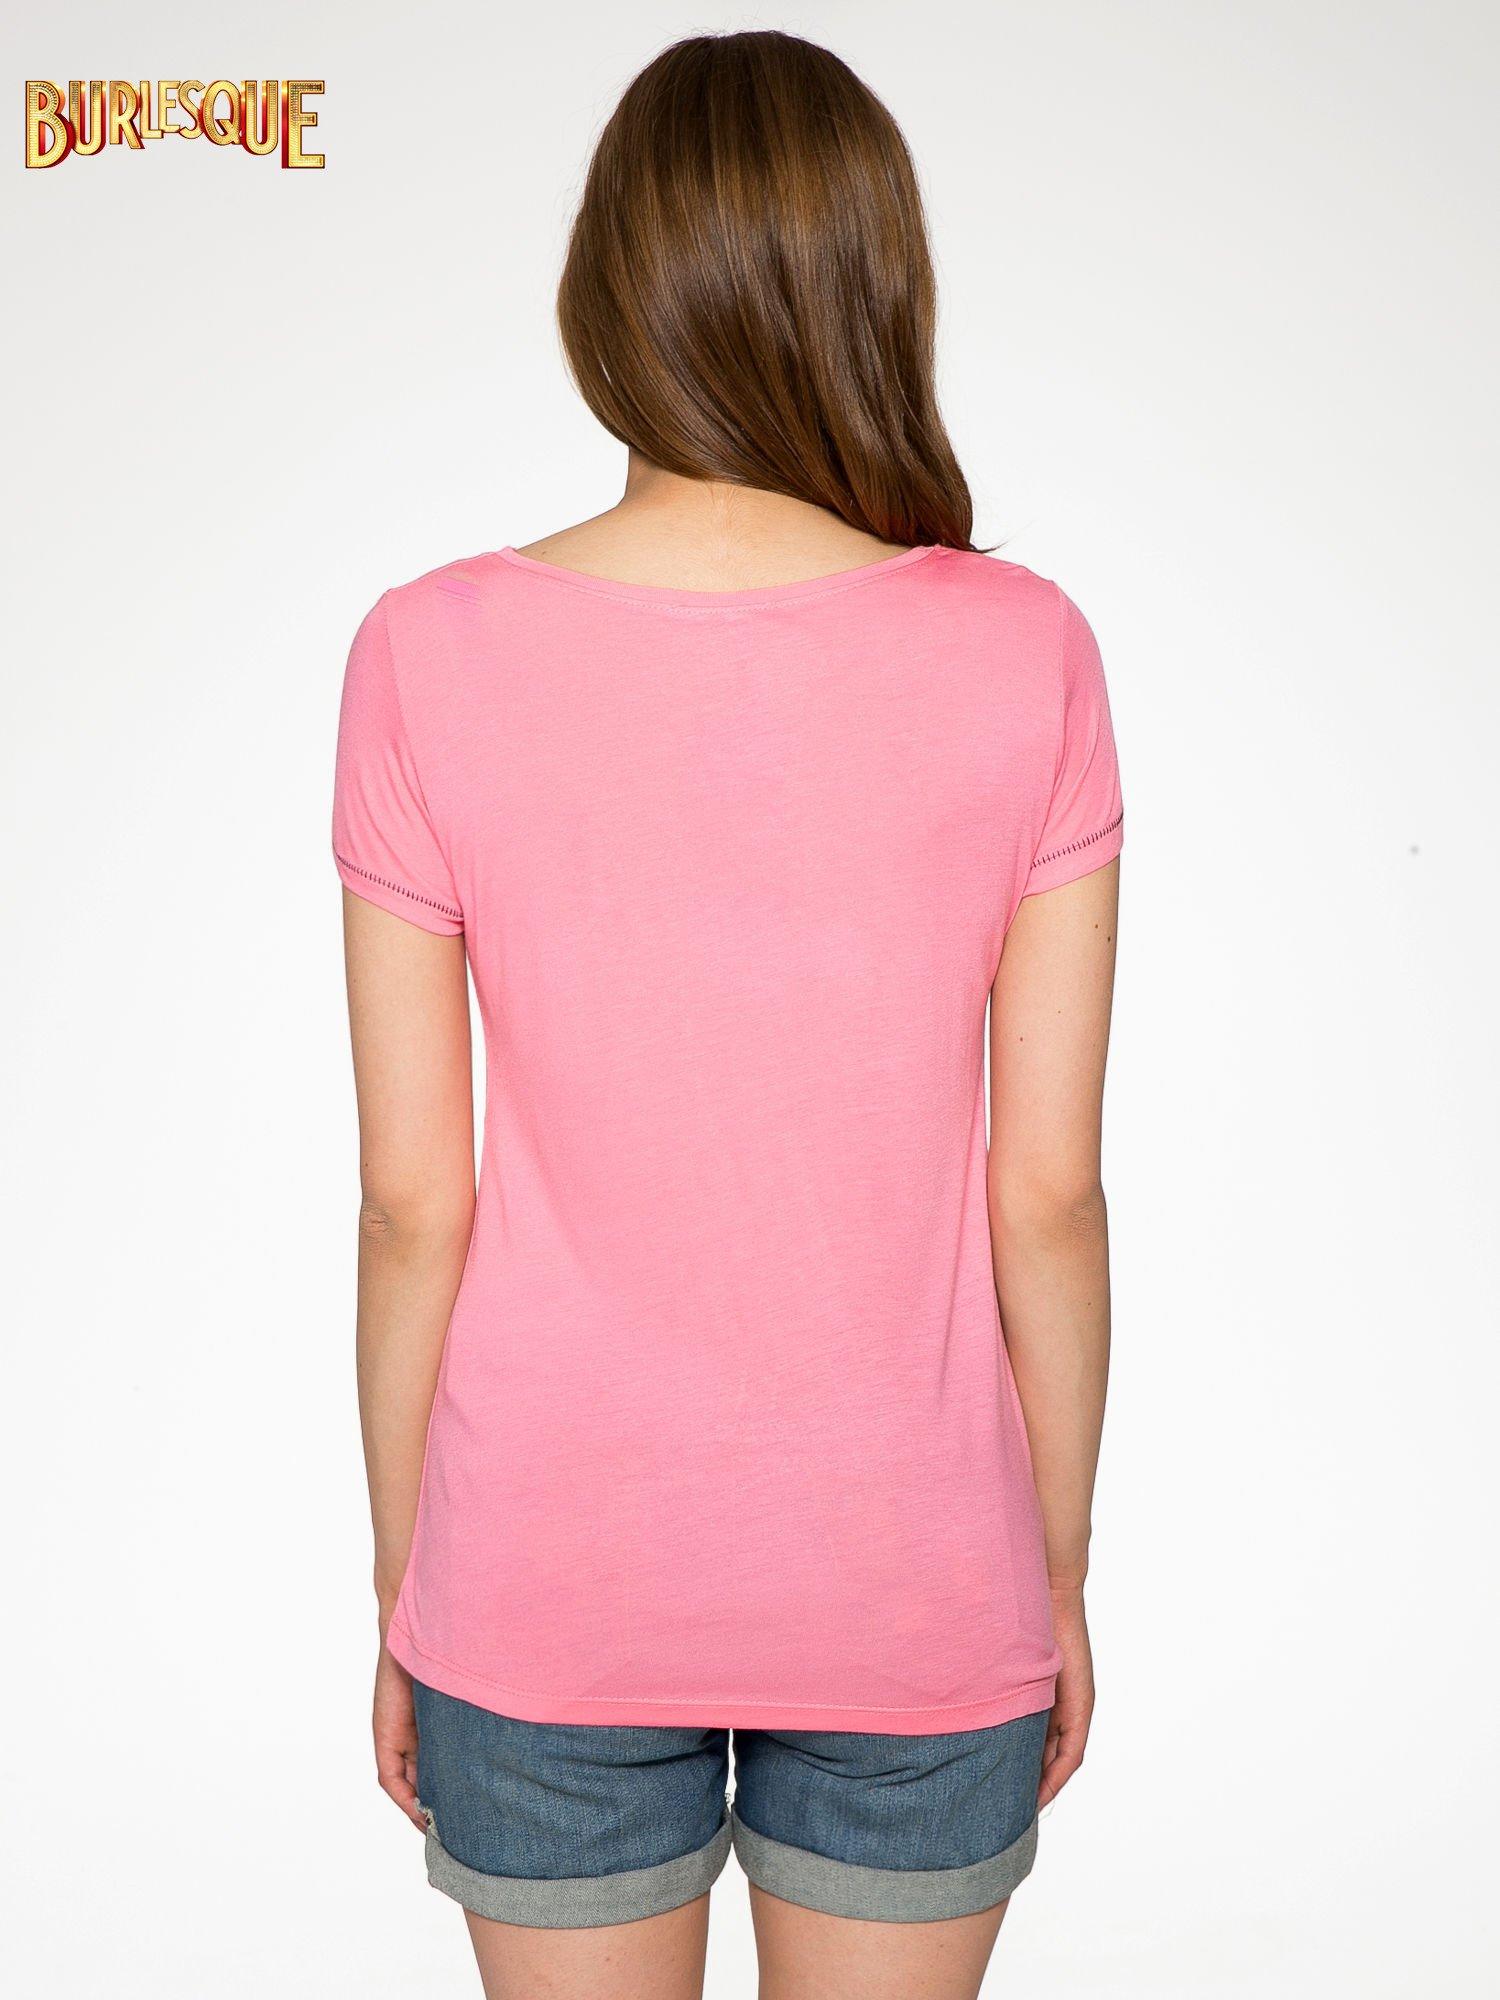 Fuksjowy t-shirt z nadrukiem wieży Eiffla                                  zdj.                                  4